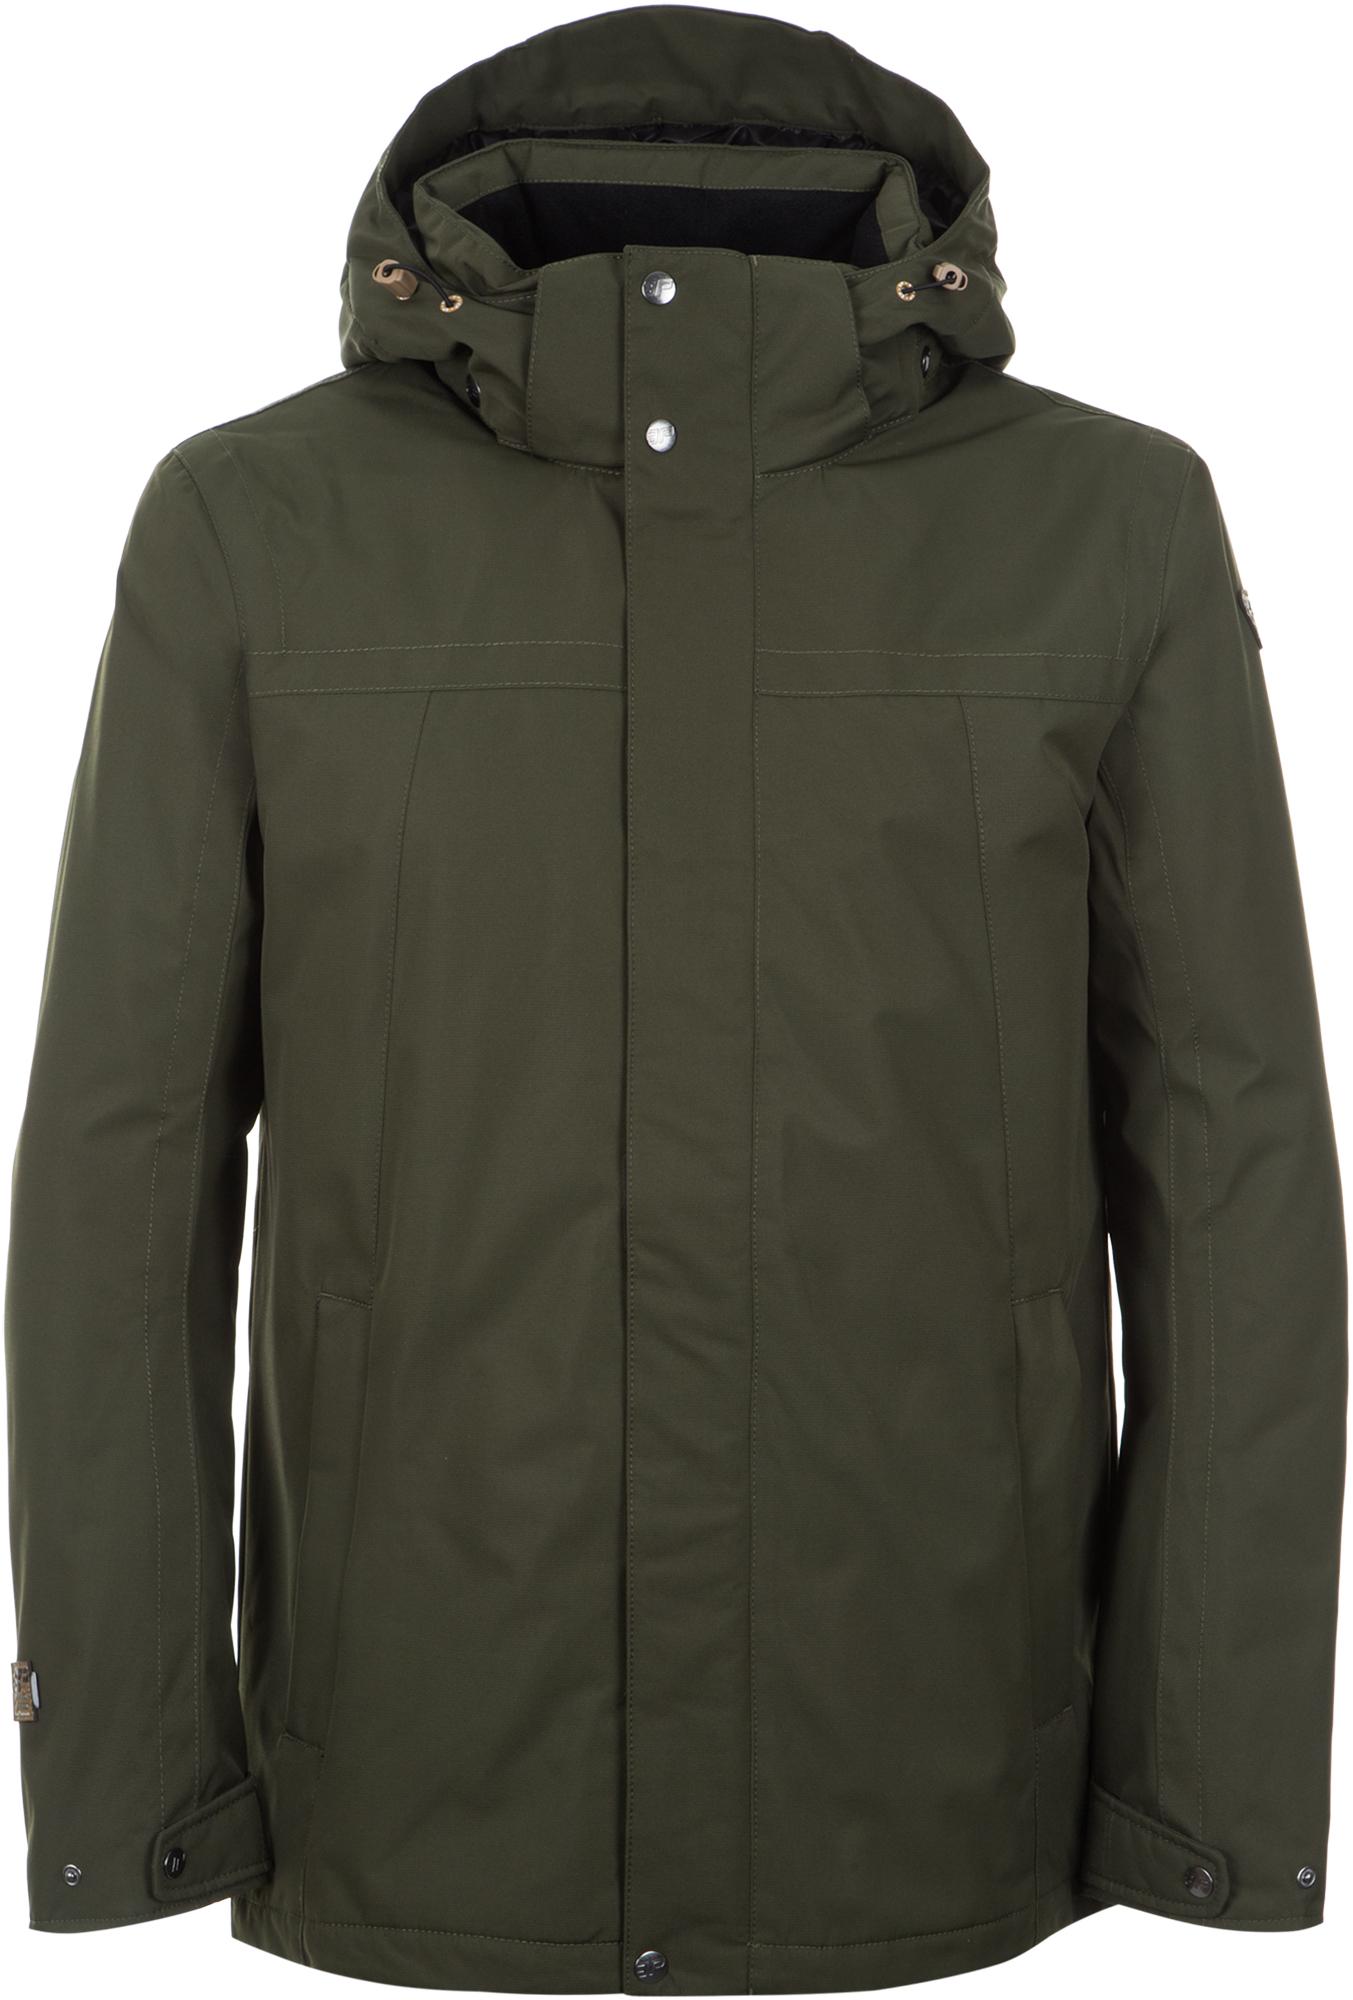 IcePeak Куртка утепленная мужская IcePeak Venne, размер 56 icepeak рюкзак icepeak ilma